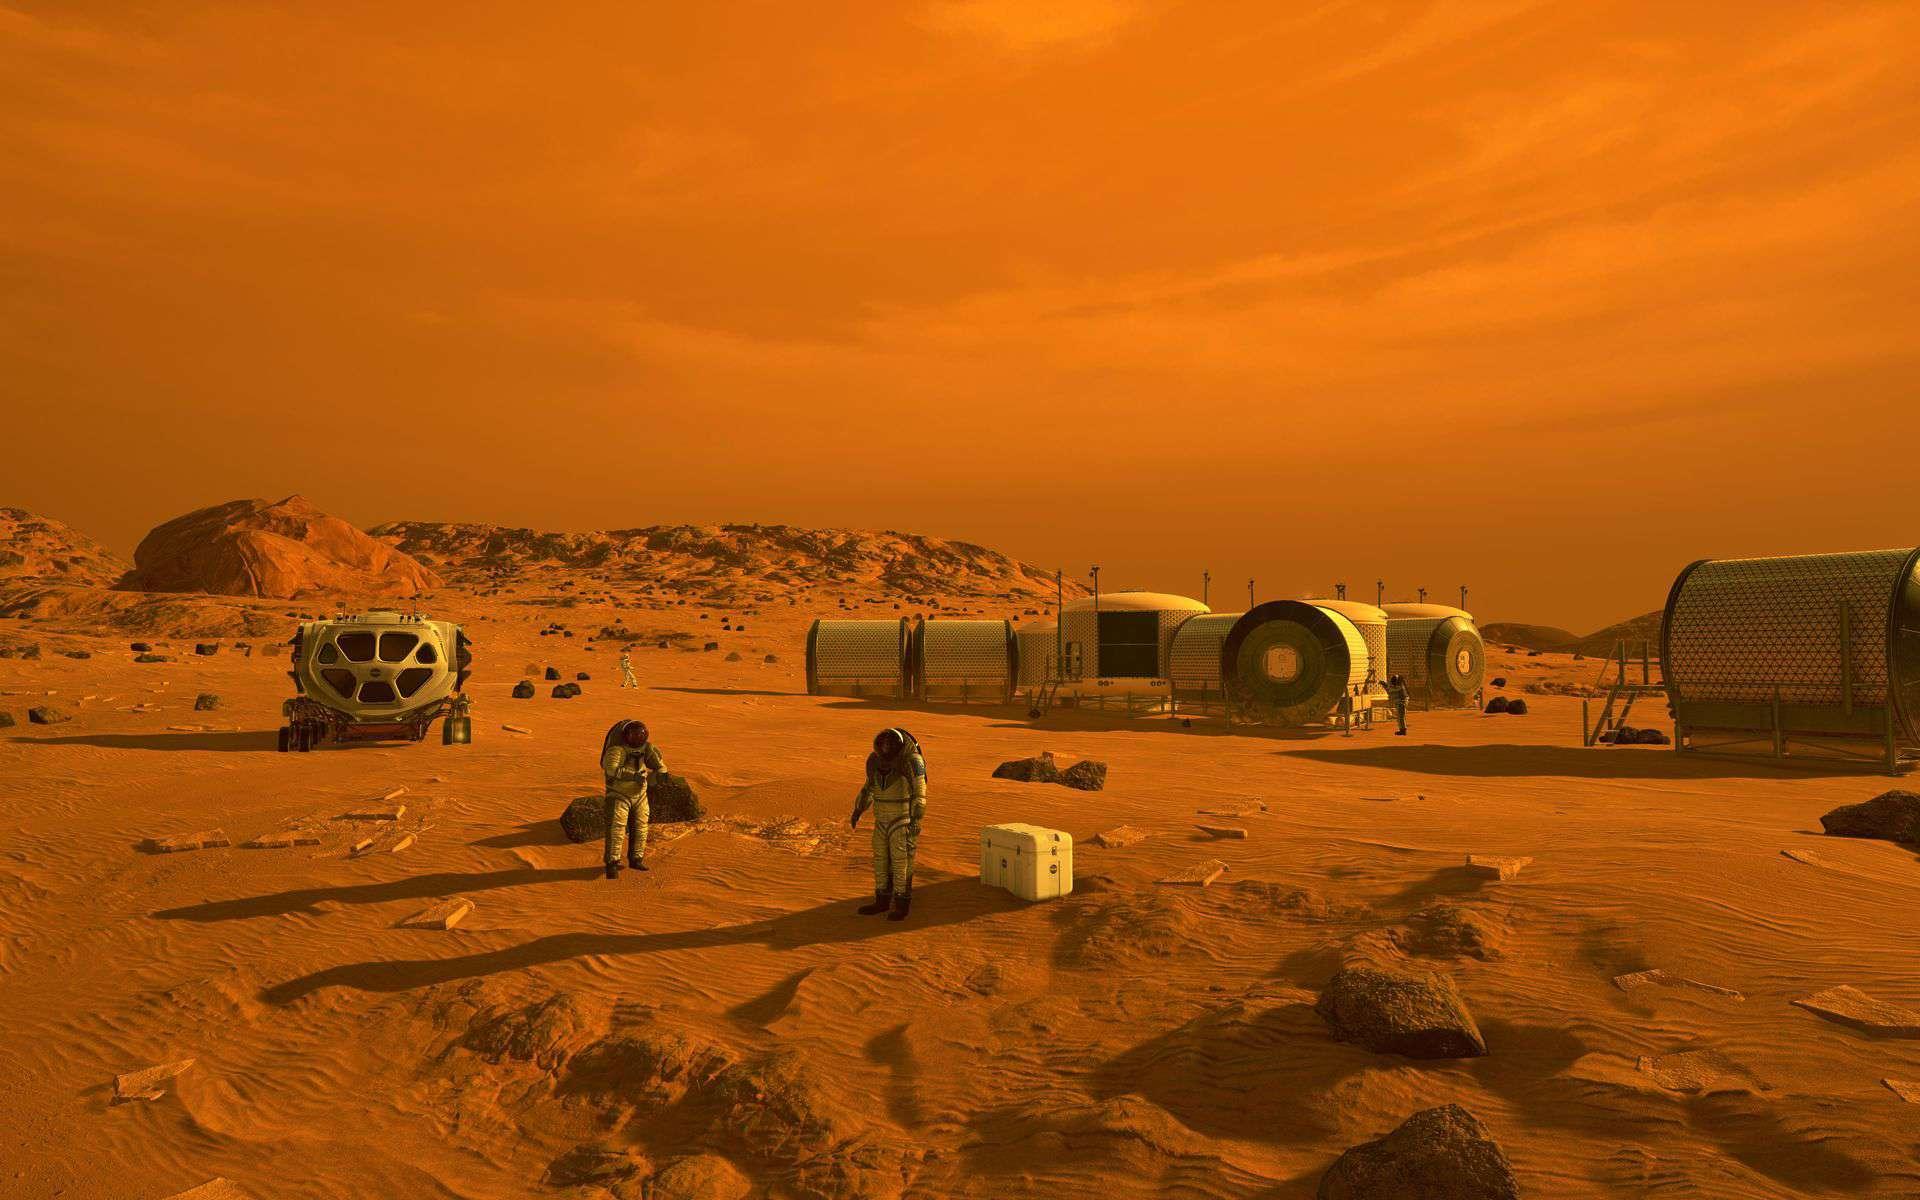 Ilustração artística mostra astronautas em habitats humanos em Marte. O rover Mars 2020 da NASA levará uma série de tecnologias que poderiam tornar Marte mais seguro e fácil de explorar para os seres humanos. A JPL está construindo e gerenciará as operações do rover Mars 2020 para a Diretoria de Missões Científicas da NASA na sede da agência em Washington